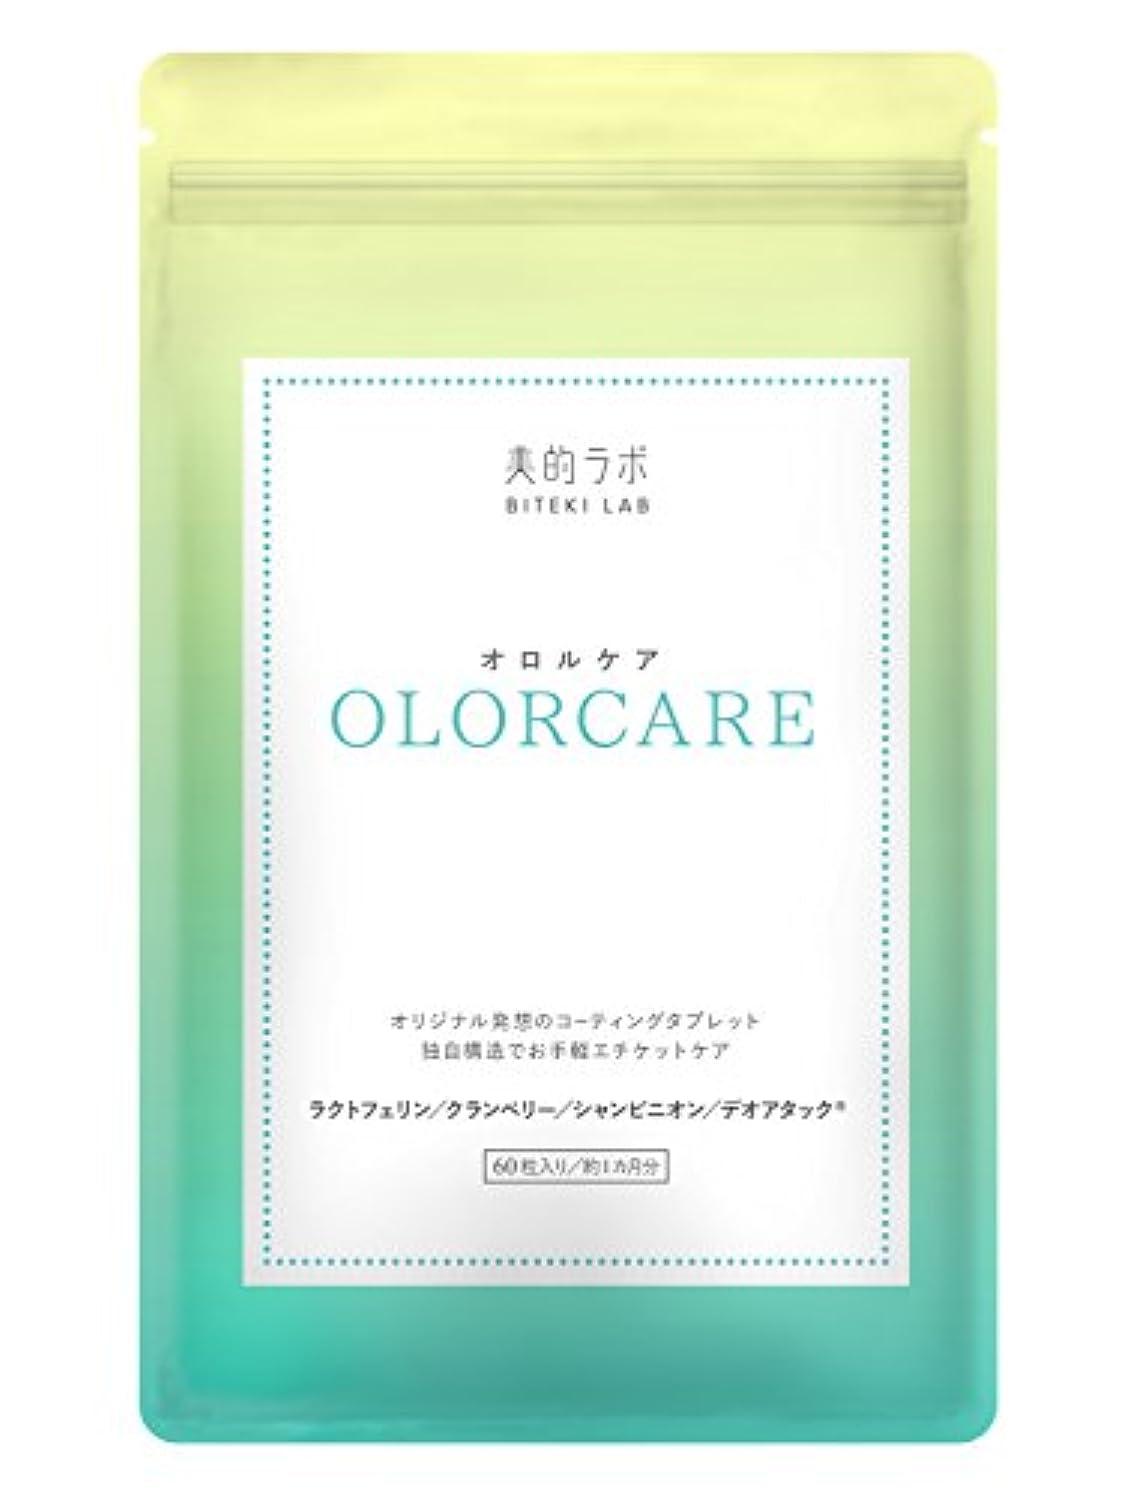 厚いドナーお香美的ラボ オロルケア 1袋60粒入 約1か月分 口臭対策 口臭サプリ エチケット